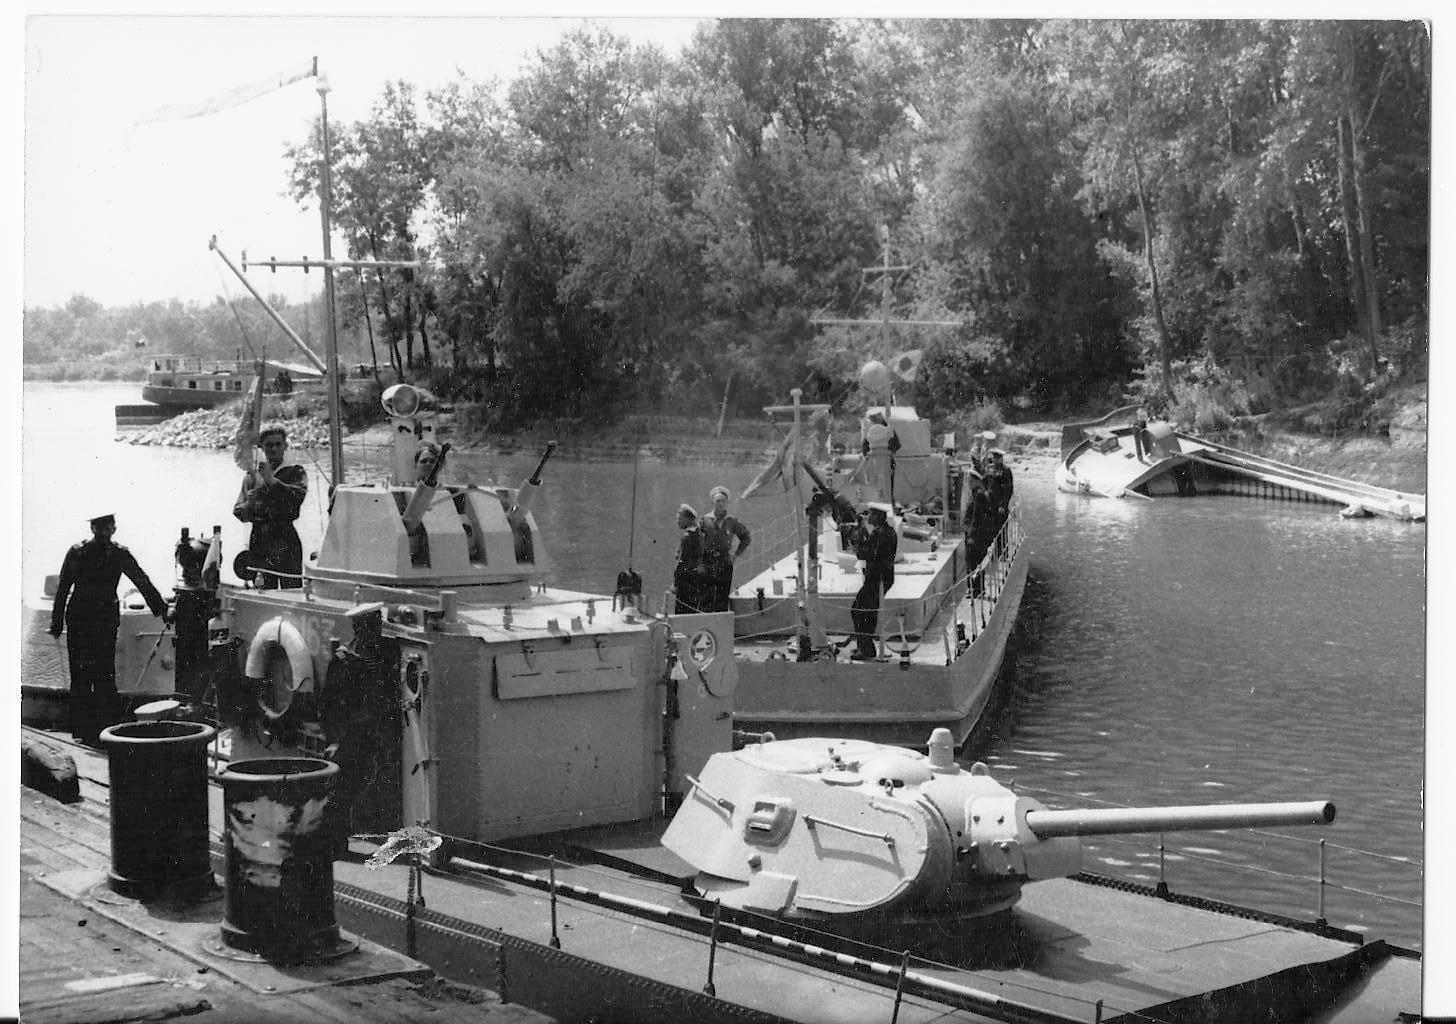 москитный флот речной вооруженный военный артиллерийский катер ВМВ